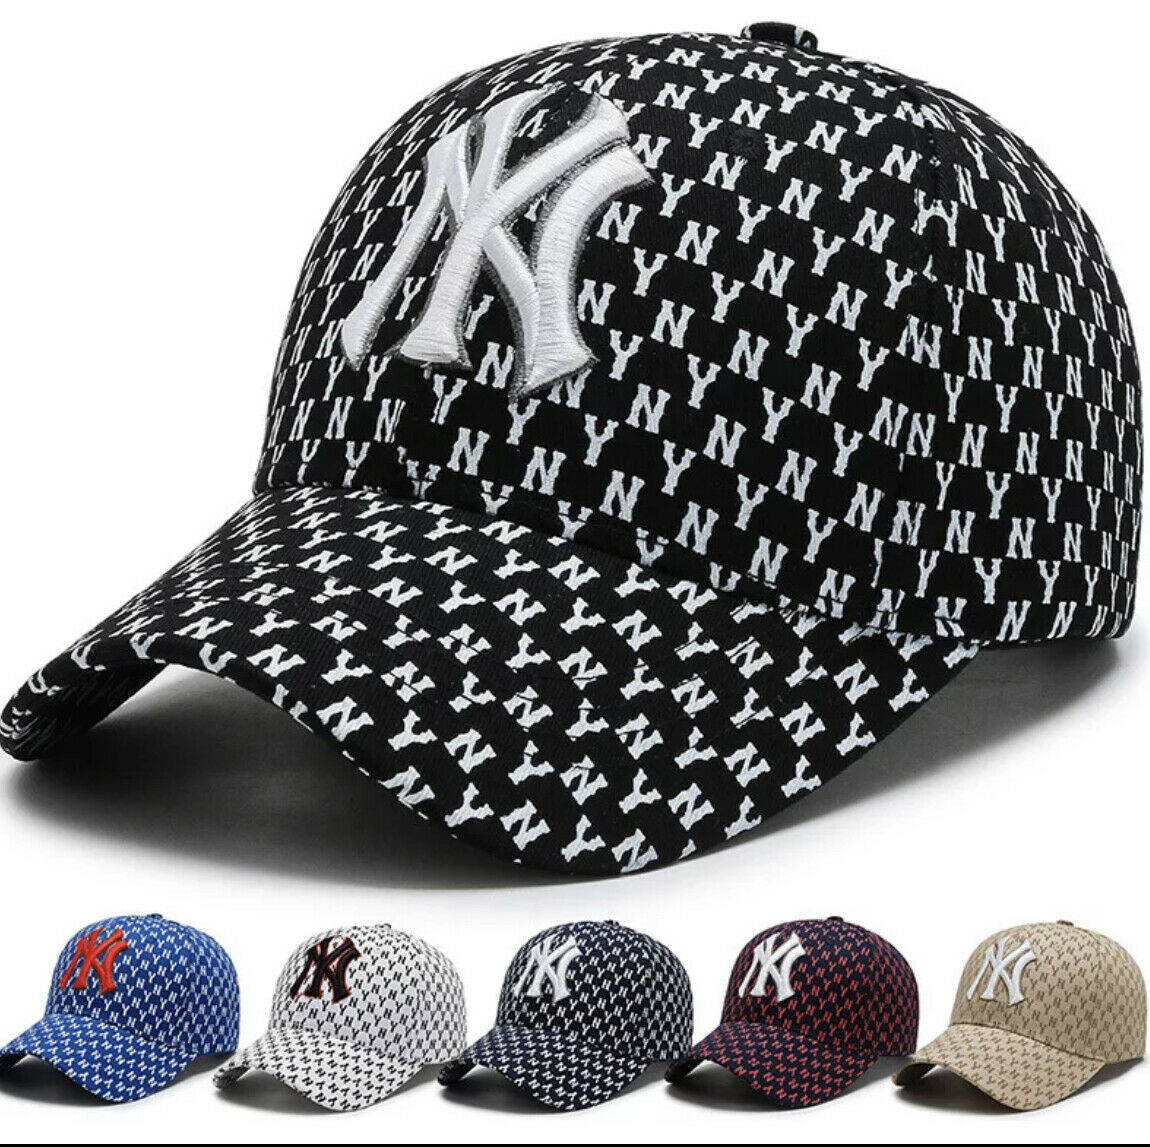 Basecap,Baseballmütze NY,New York